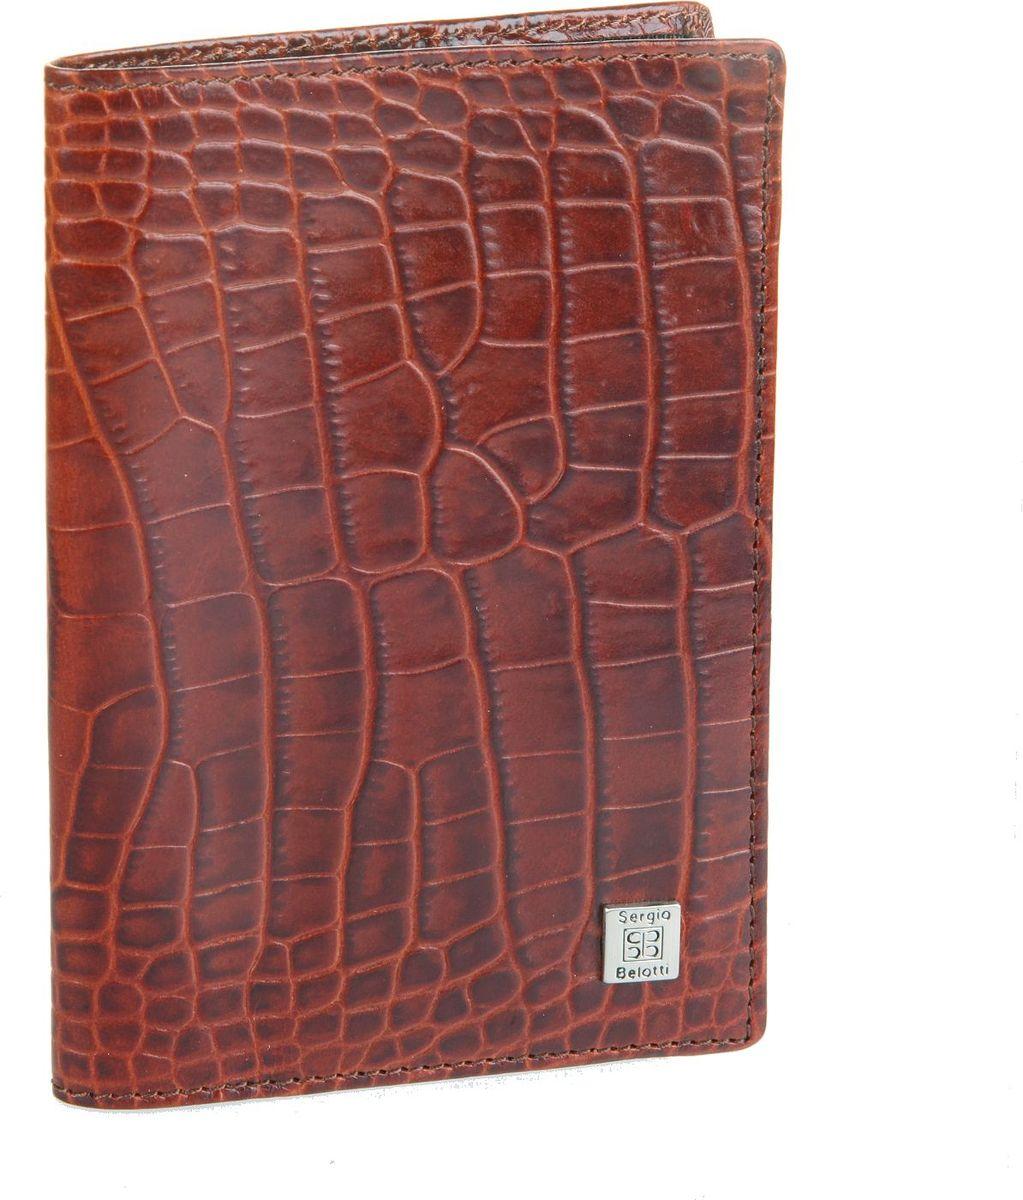 Обложка для паспорта женская Sergio Belotti, цвет: коричневый. 24642464 modena cognacОбложка для паспорта женская Sergio Belotti выполнена из натуральной кожи. Модель раскладывается пополам, внутри левое поле (ширина 7 см), правое поле - сетка (ширина 4 см), содержит один карман для документов и карман для sim-карты.